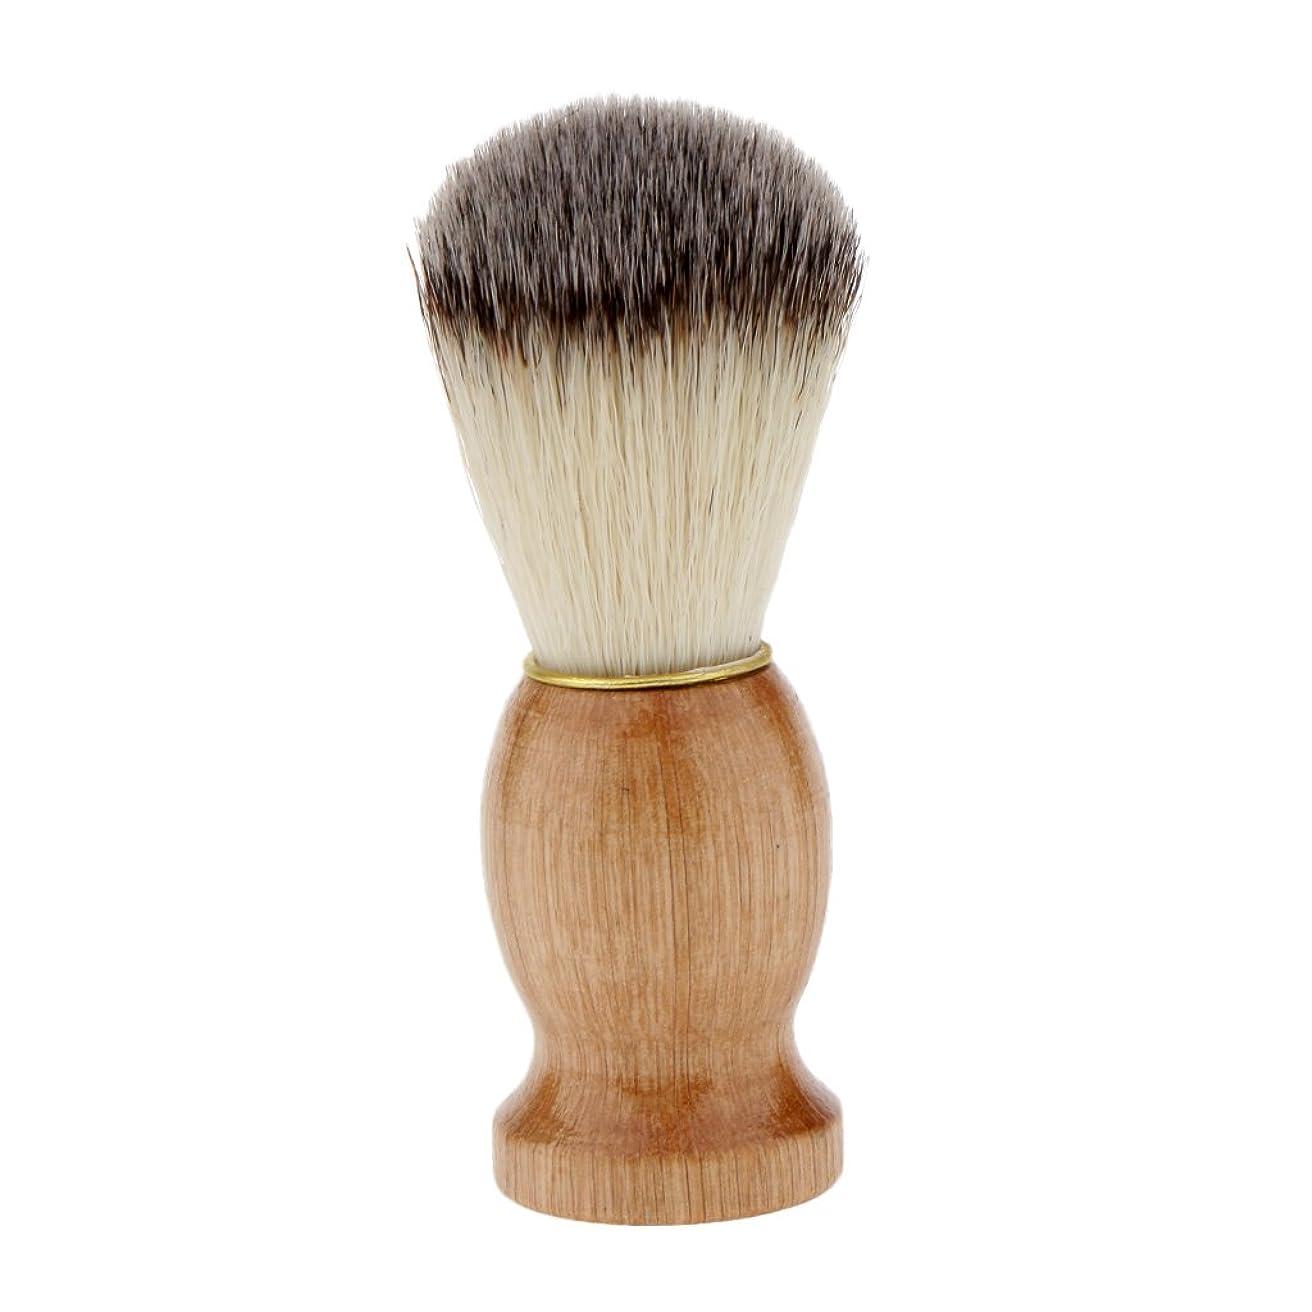 合理化金貸し大騒ぎKesoto シェービングブラシ コスメブラシ 木製ハンドル メンズ ひげ剃りブラシ クレンジング